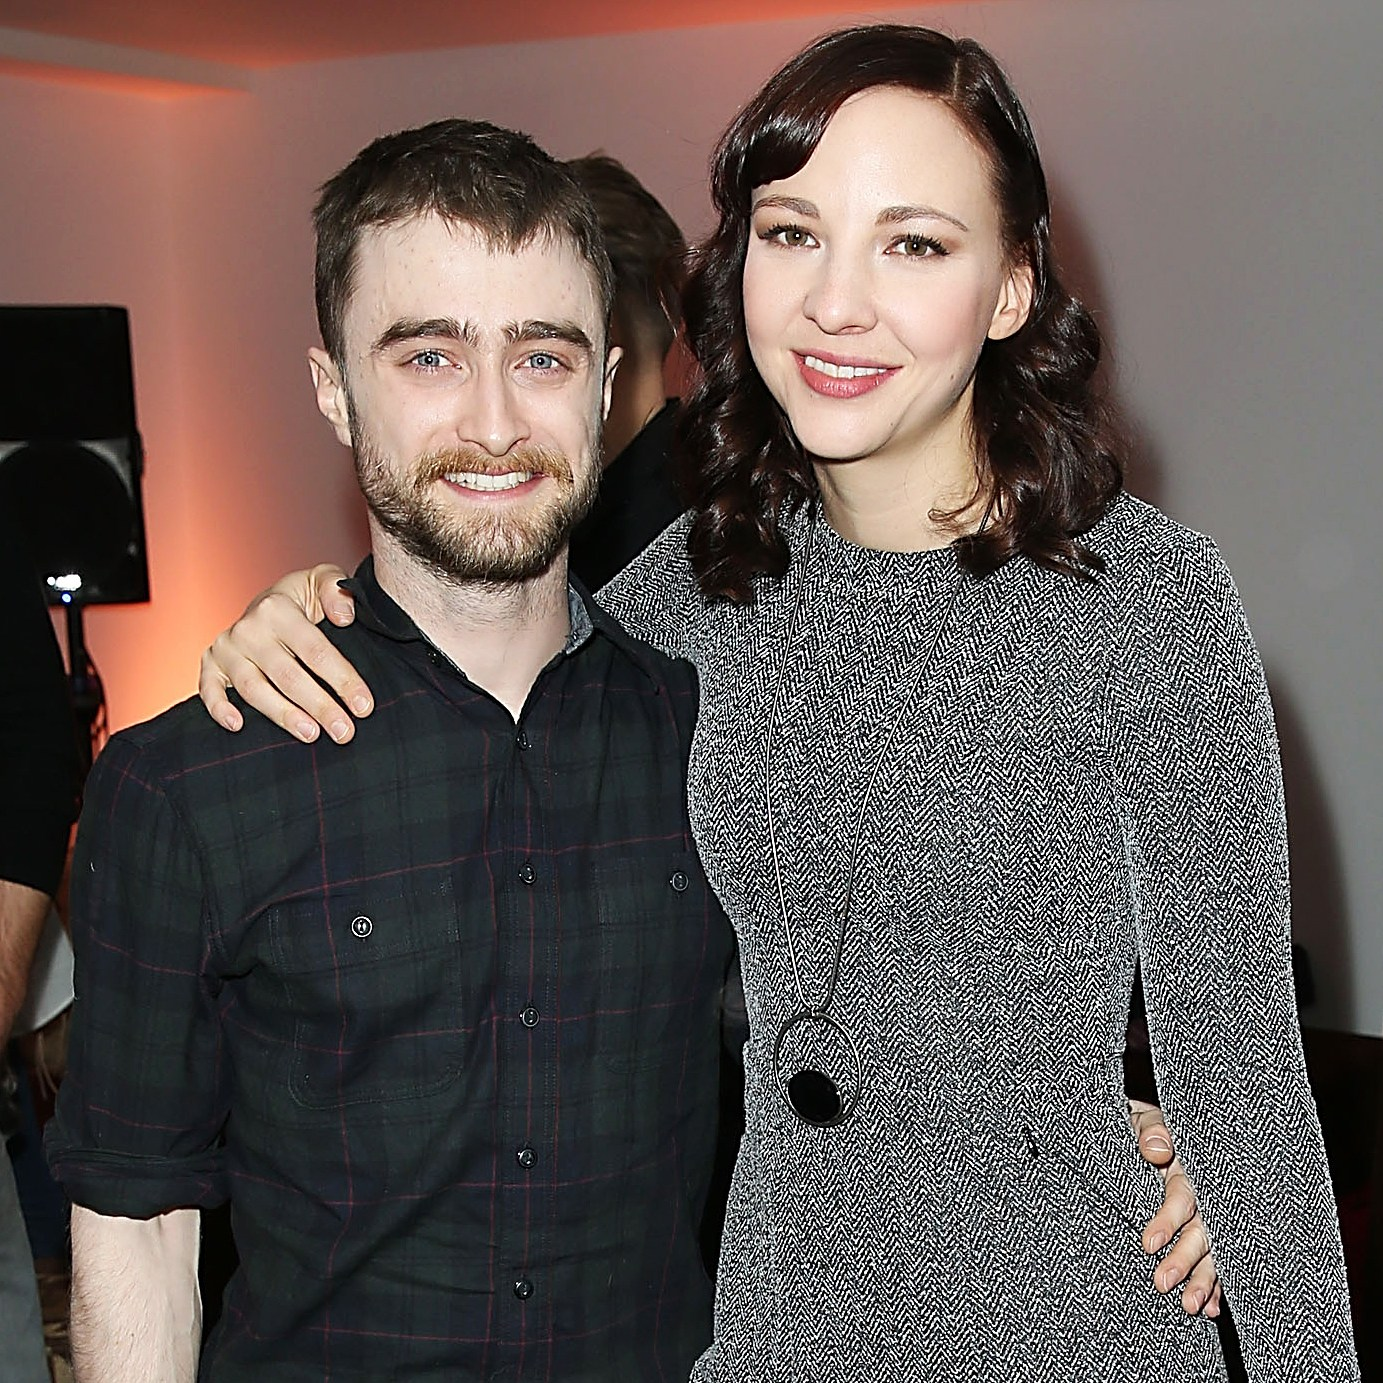 Daniel Radcliffe beard girlfriend